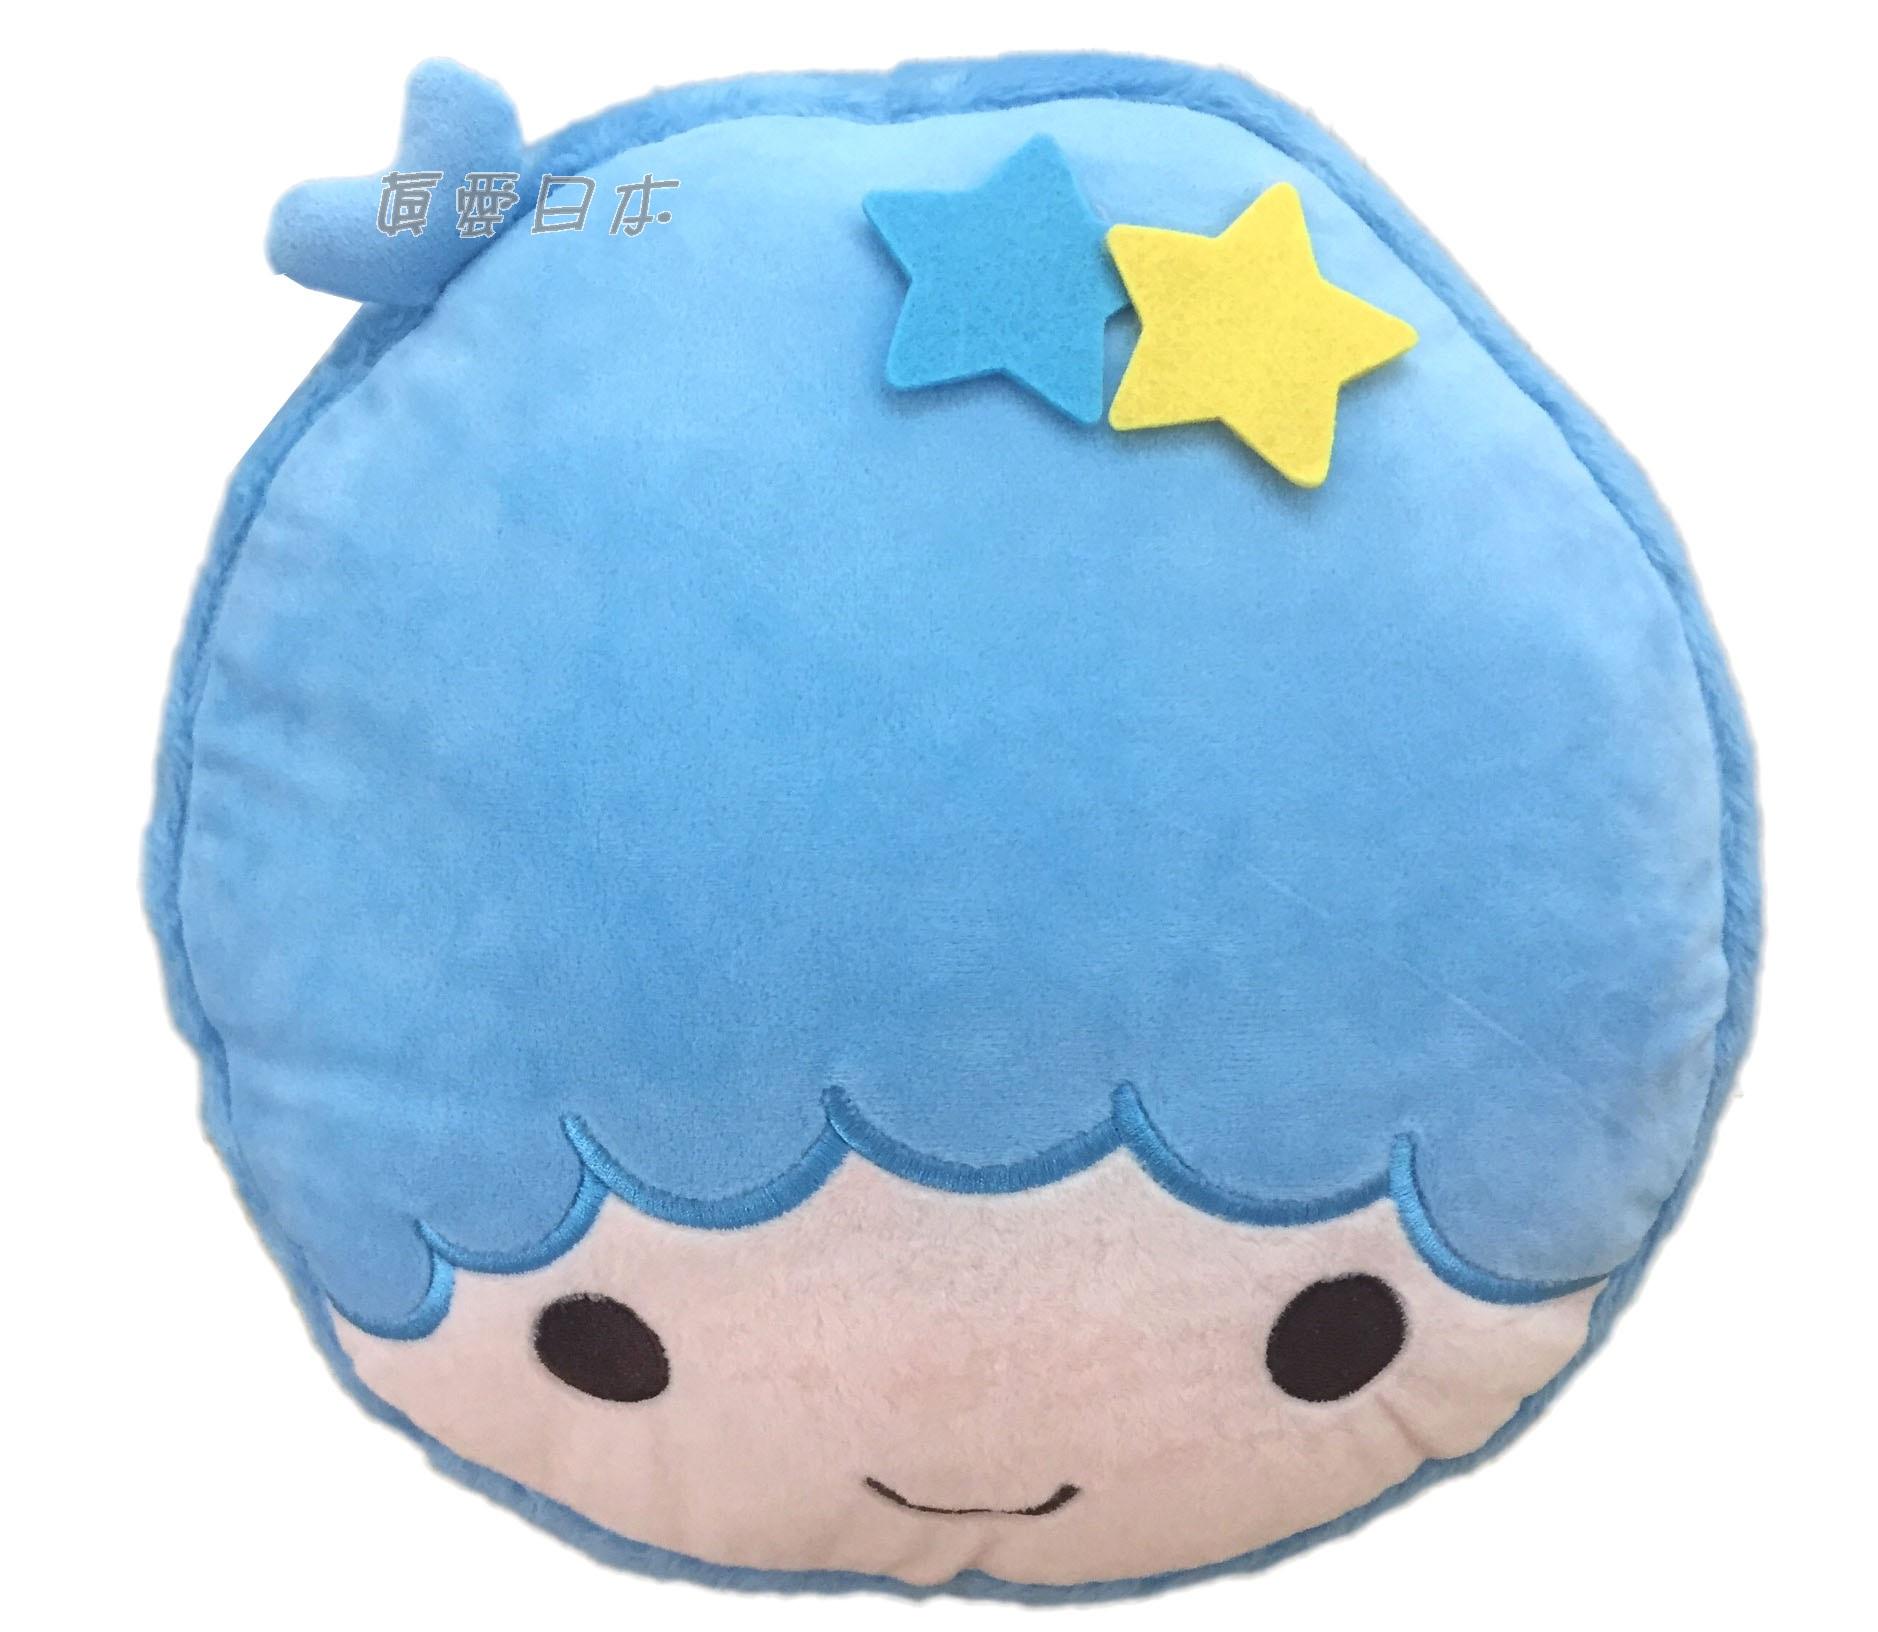 【真愛日本】16070600017 馬卡龍頭型抱枕-KIKI  三麗鷗家族 Kikilala 雙子星 娃娃 抱枕 靠枕